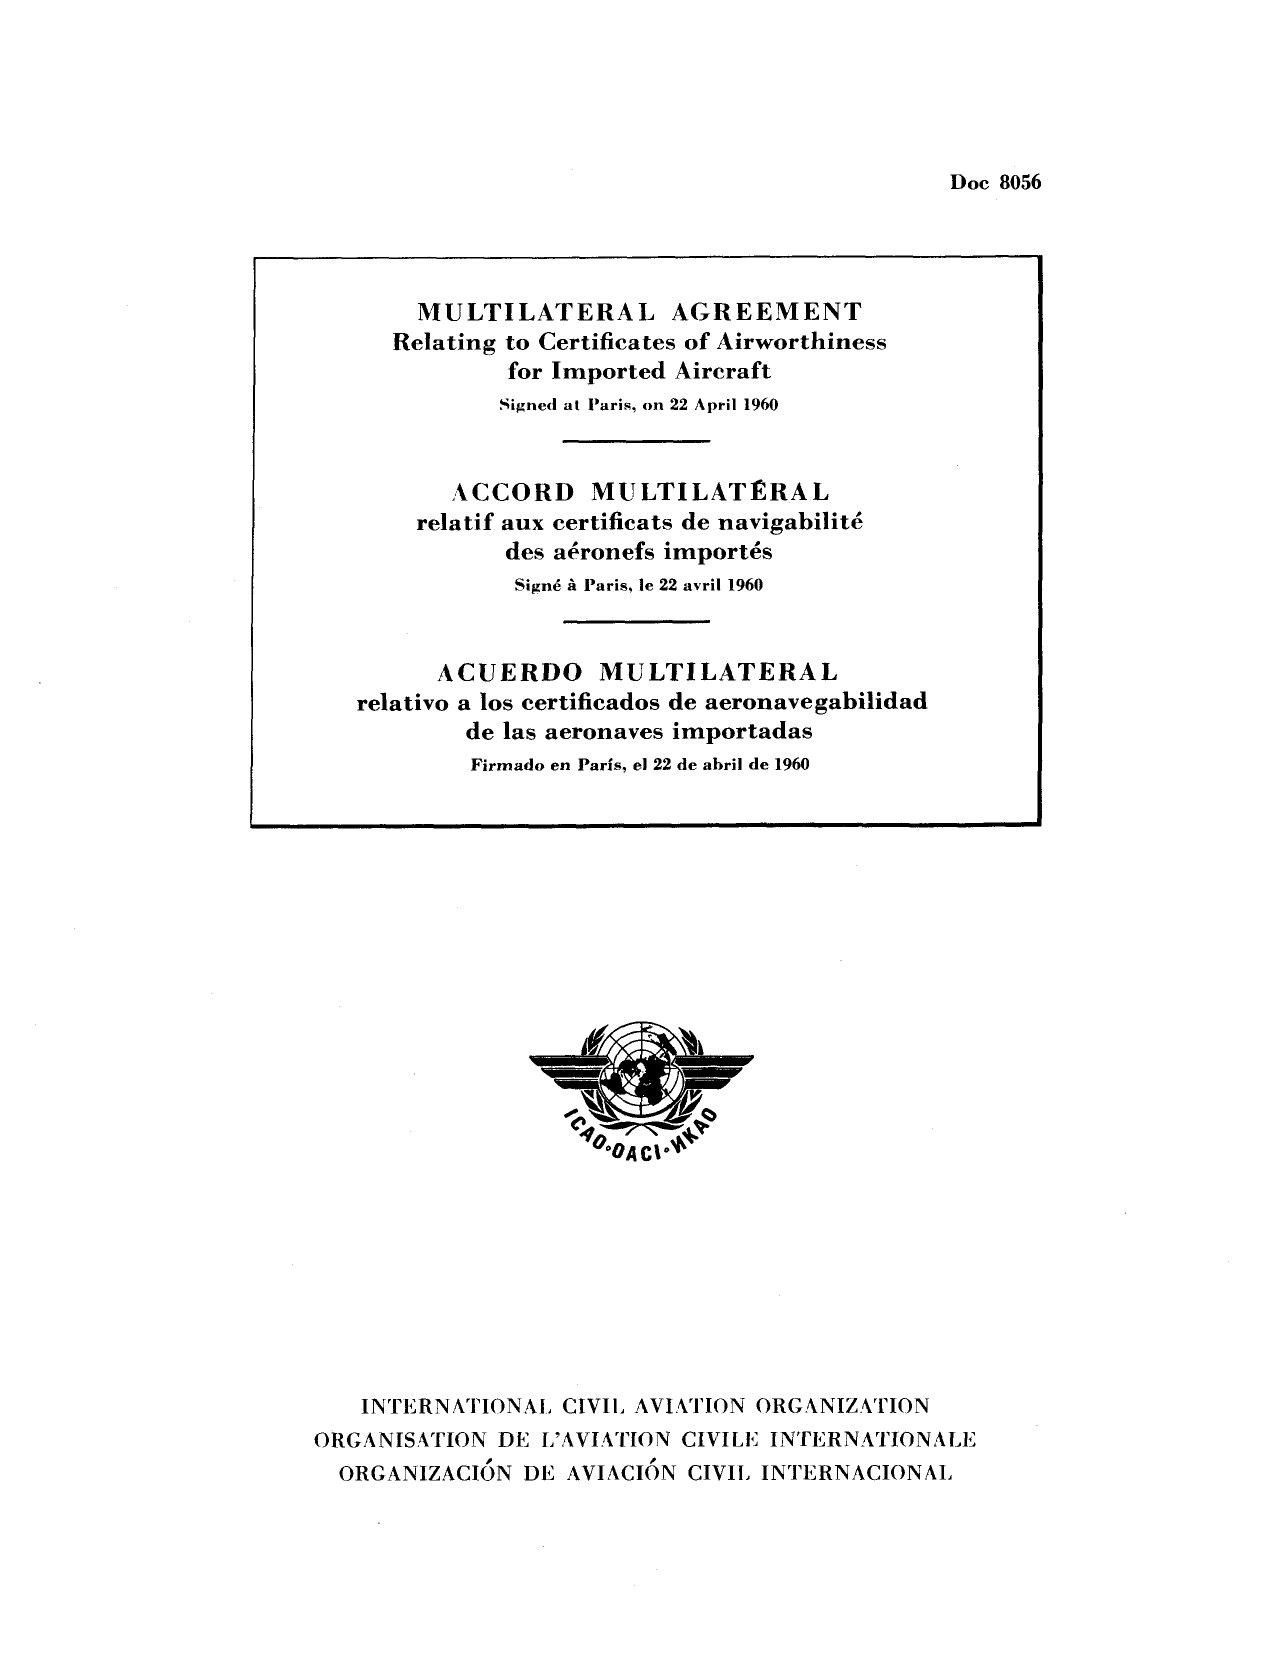 ICAO Doc 8056 Многостороннее соглашение по удостоверениям о годности к полетам импортируемых воздушных судов